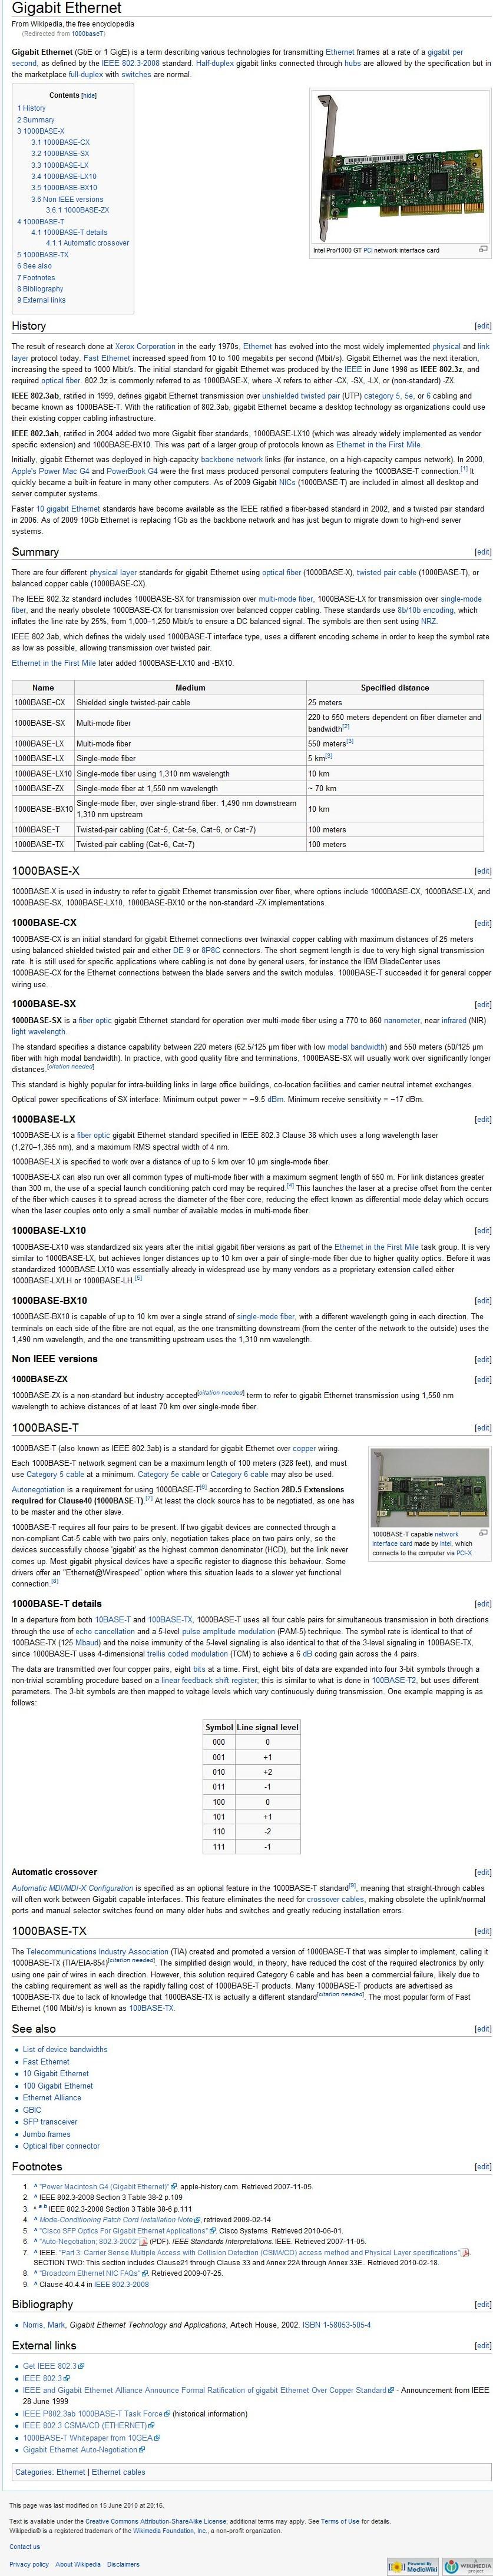 Gigabit%20Ethernet%20-%20Wikipedia.jpg